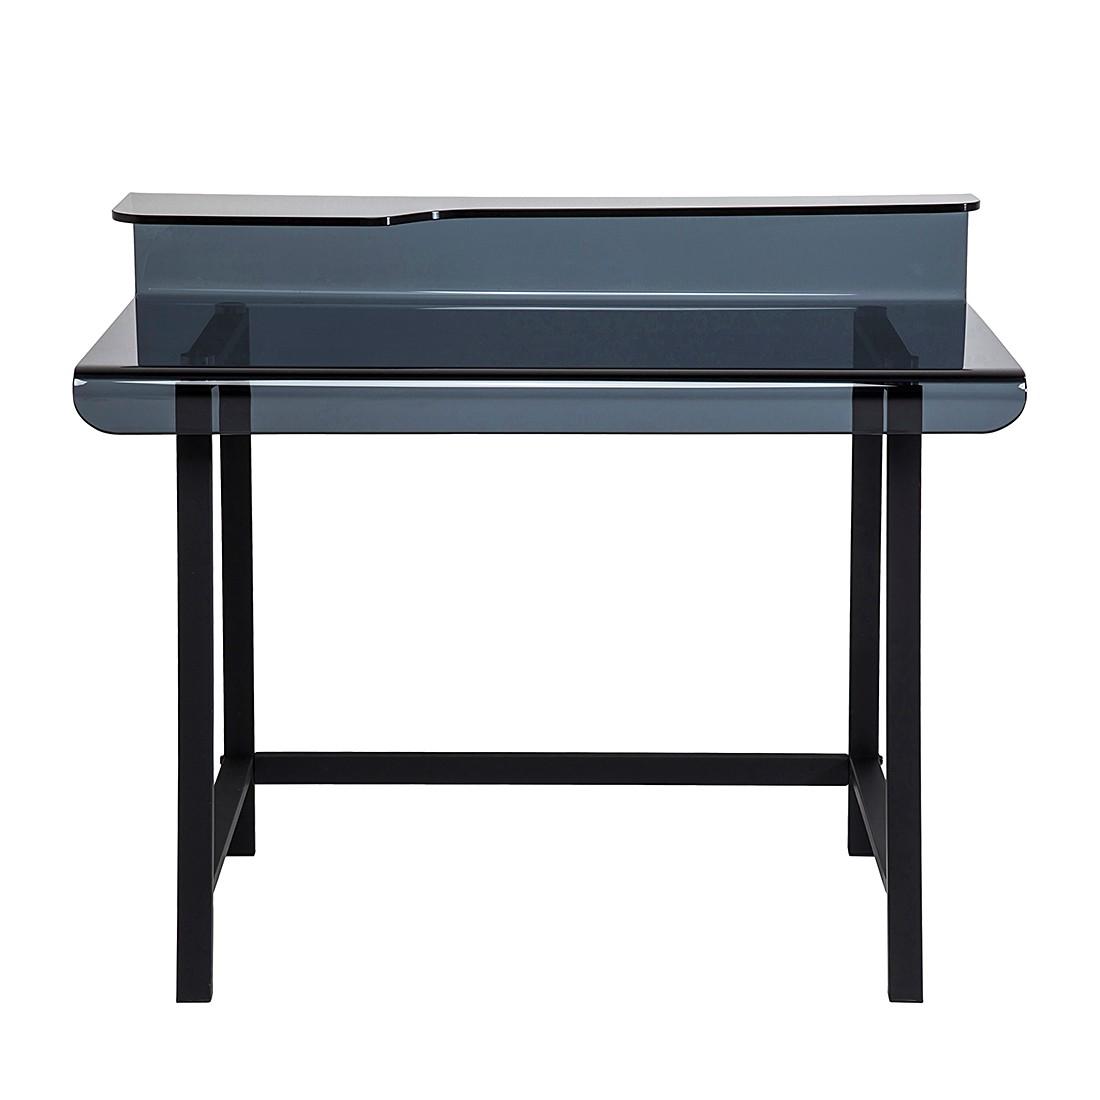 Schreibtisch Visible Grey - Glas/Metall, Kare Design